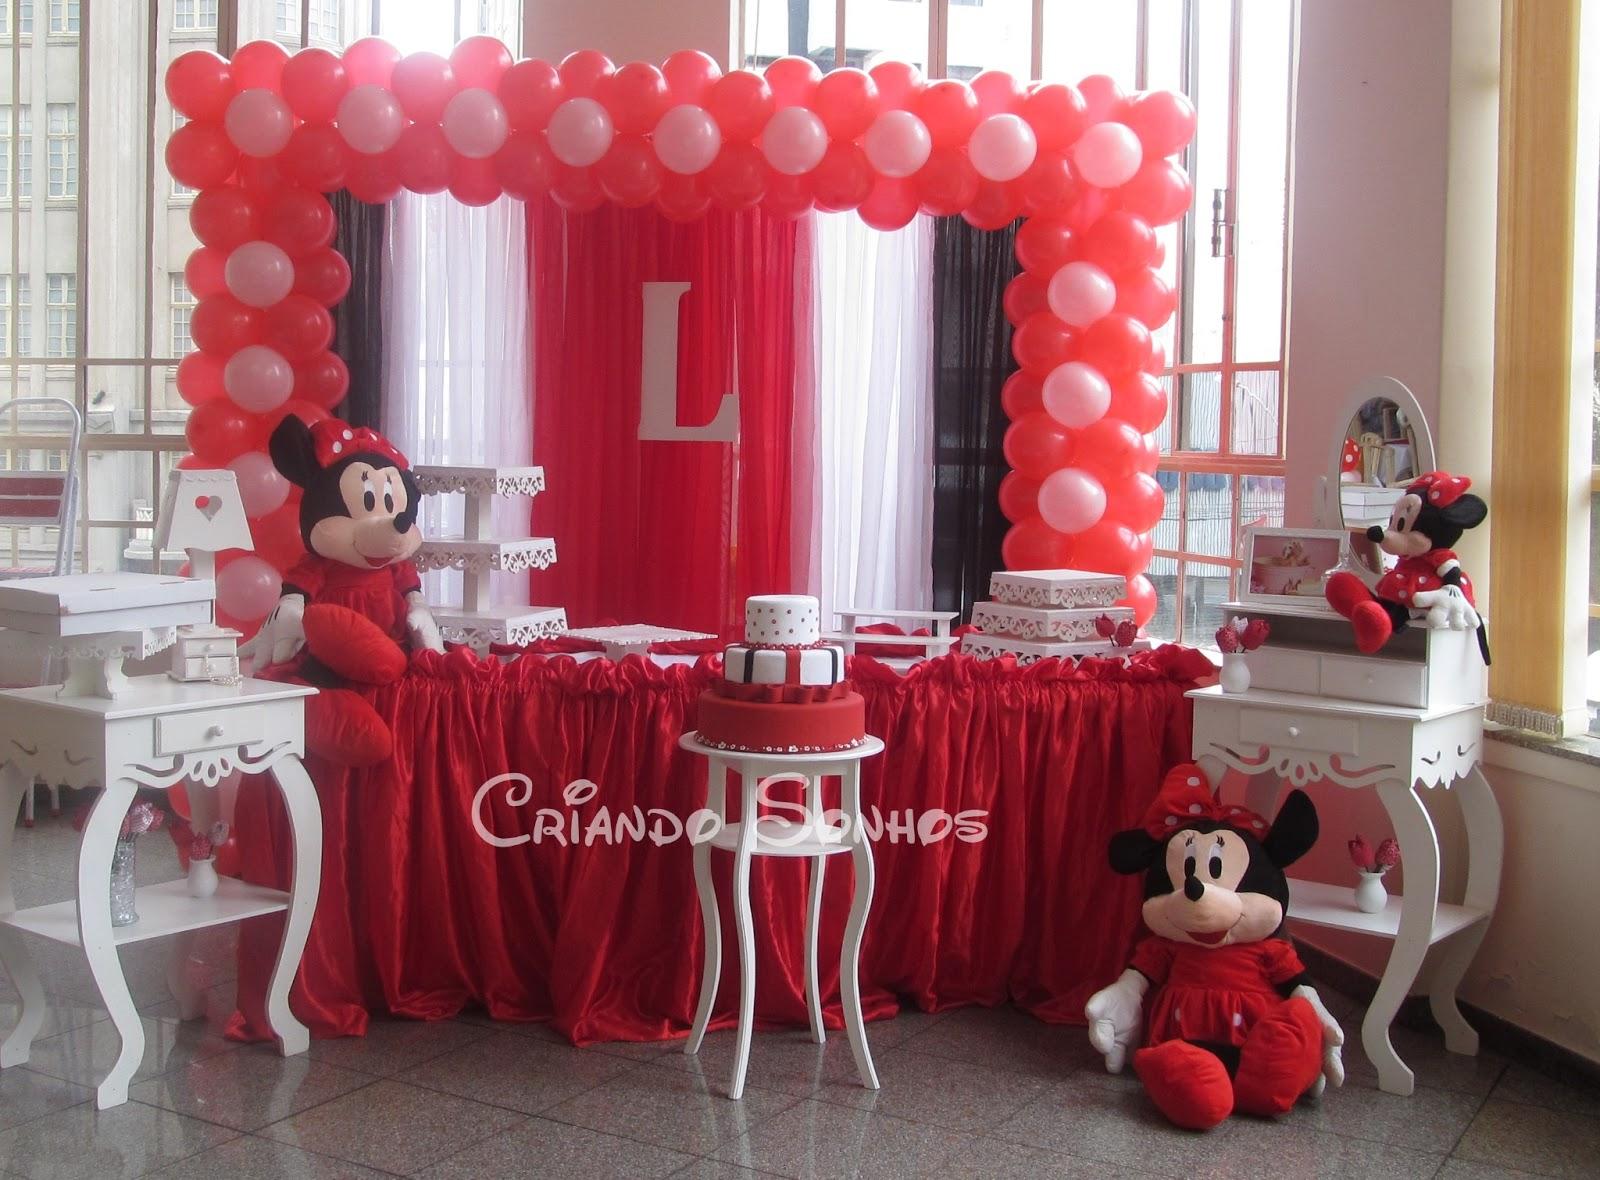 Criando Sonhos Decoração de Festa Infantil Minie Vermelha